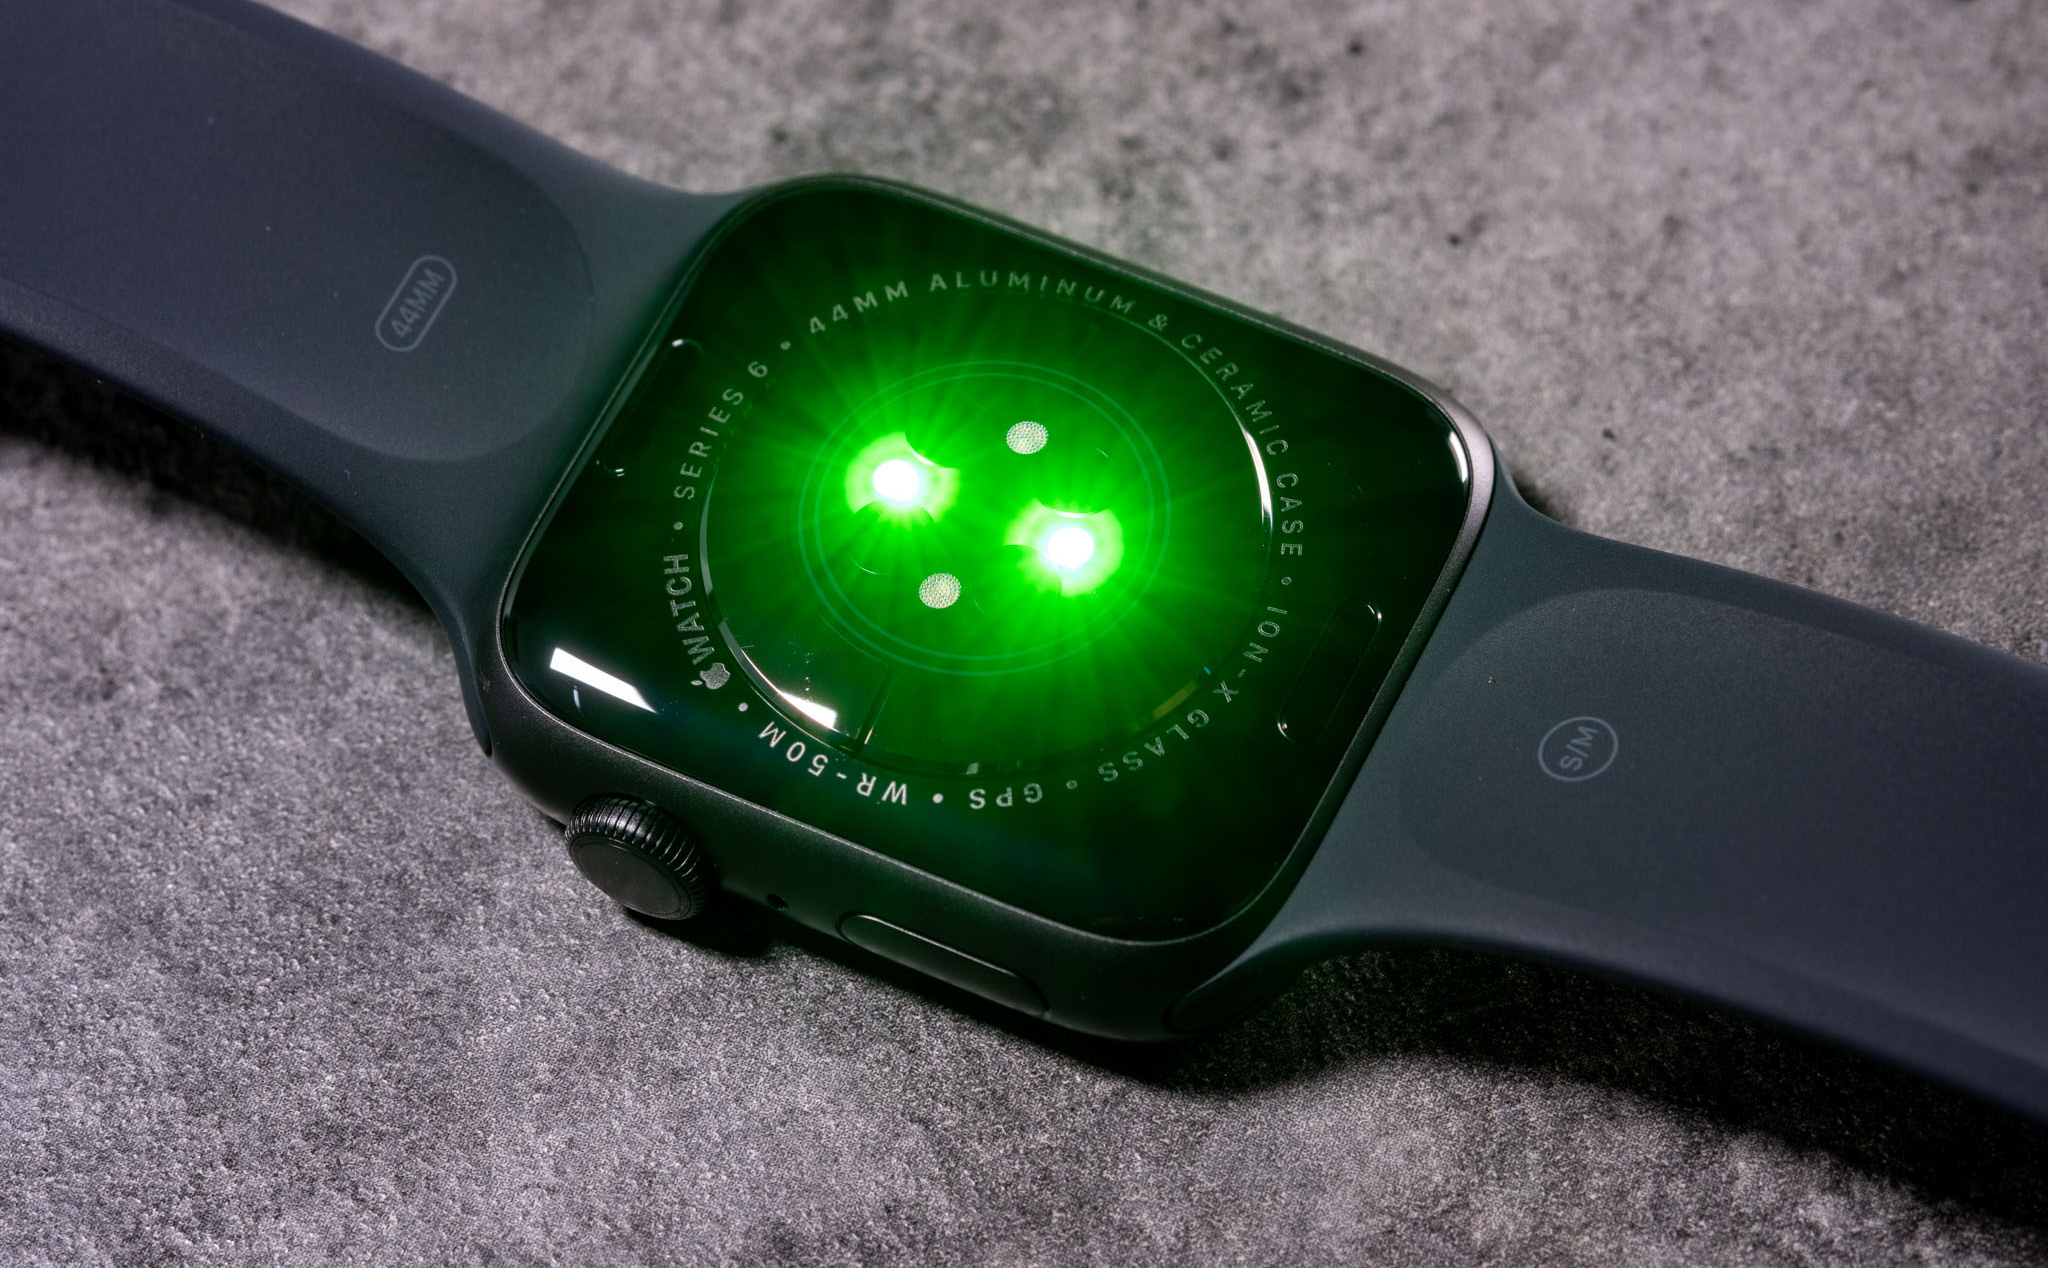 ĐH Stanford: Apple Watch đáng tin cậy trong việc chẩn đoán lâm sàng các bệnh về tim của người dùng   Tinh tế